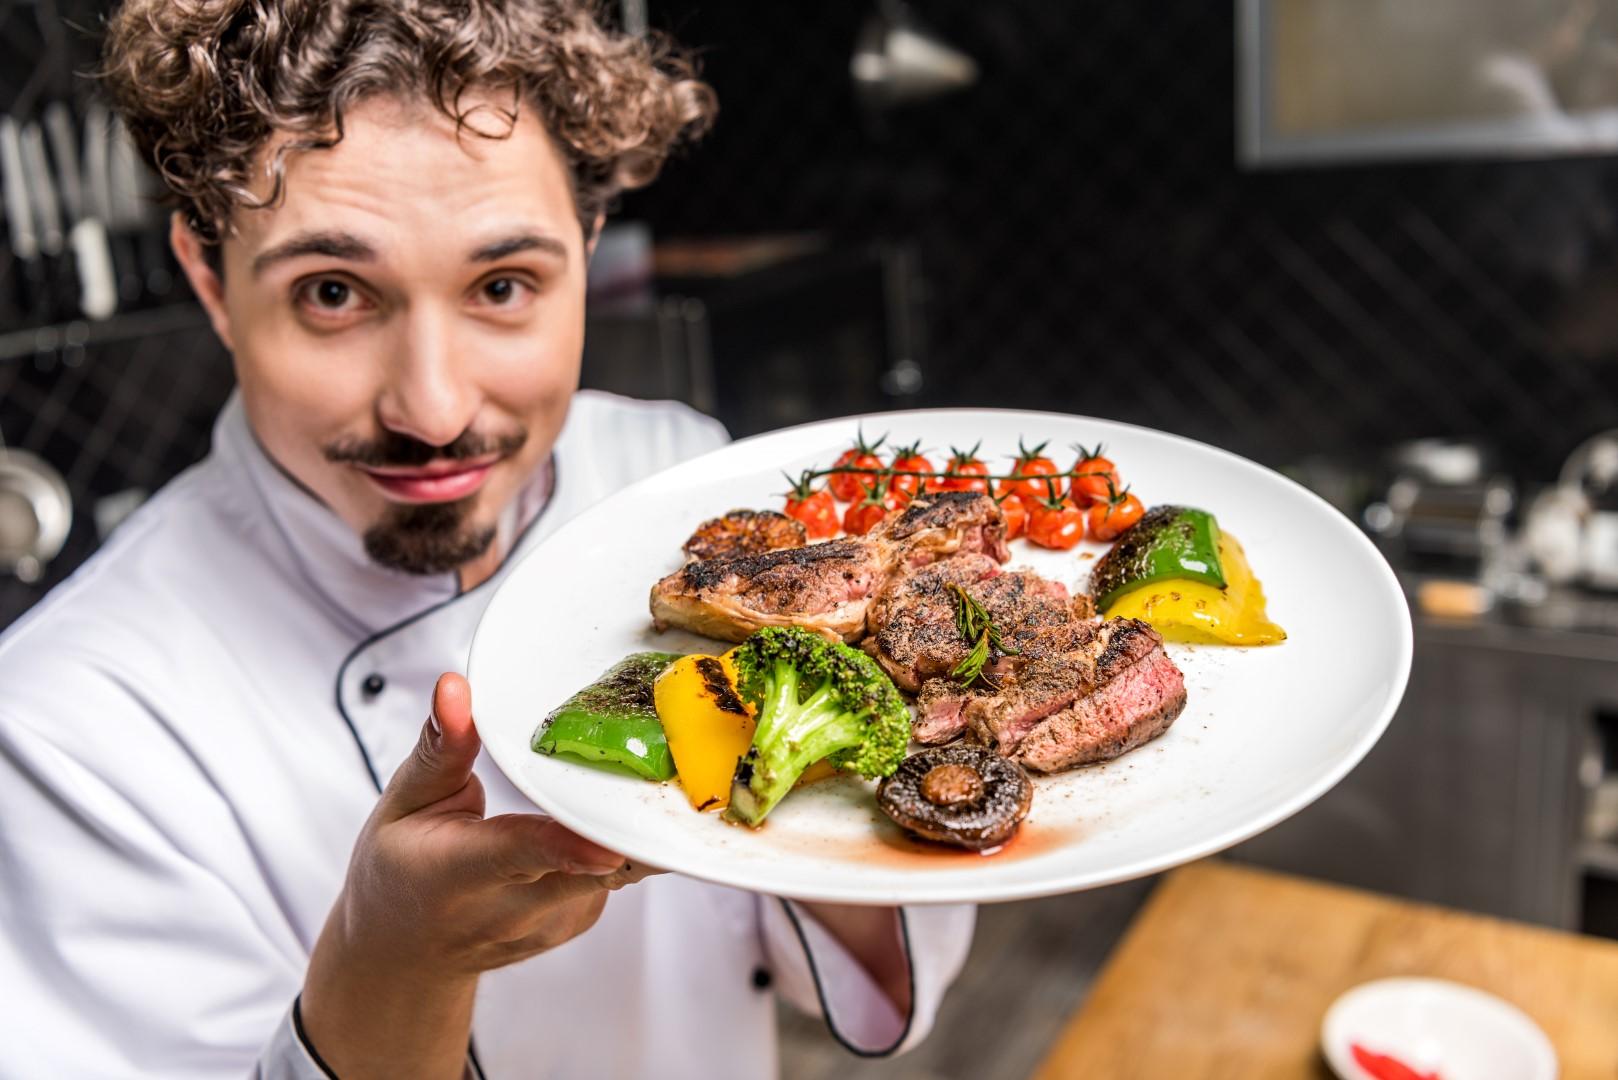 ימי גיבוש לעובדים - אירוח במסעדות ובתי מלון